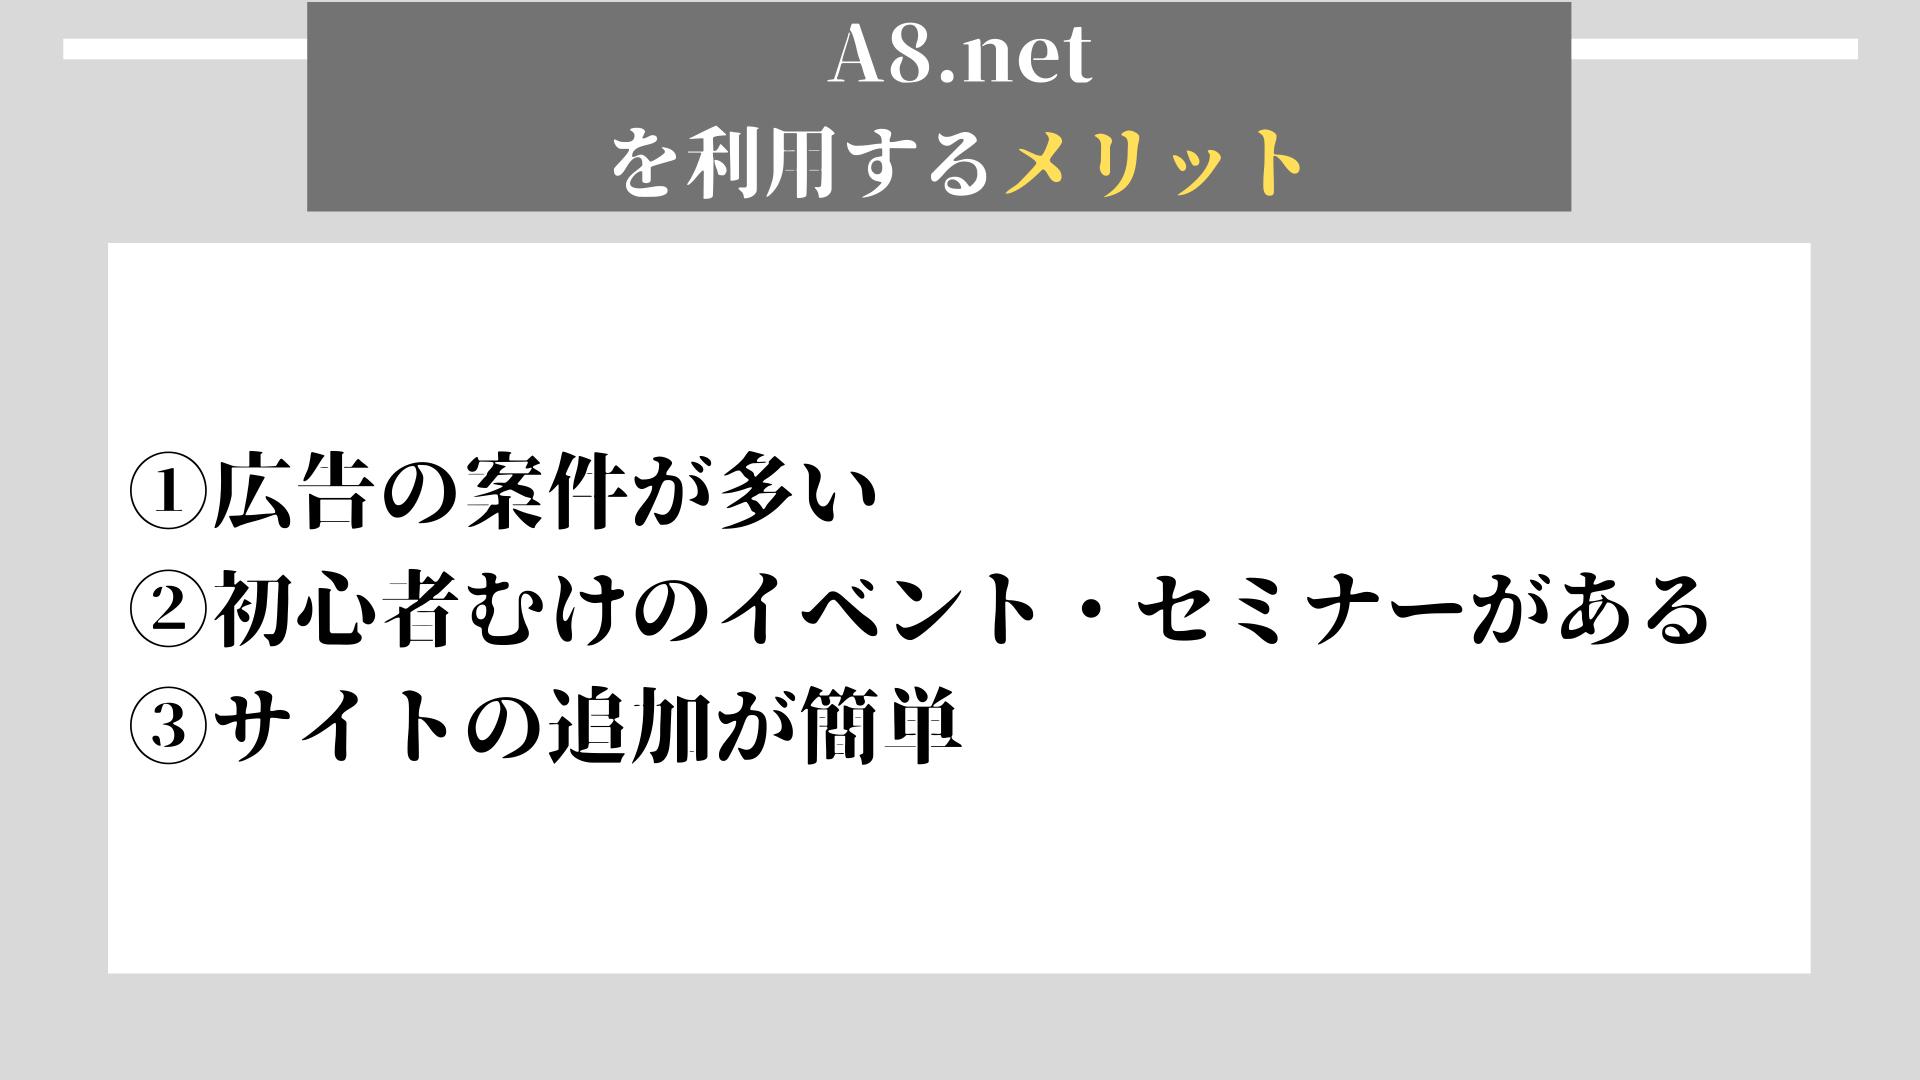 A8.net メリット